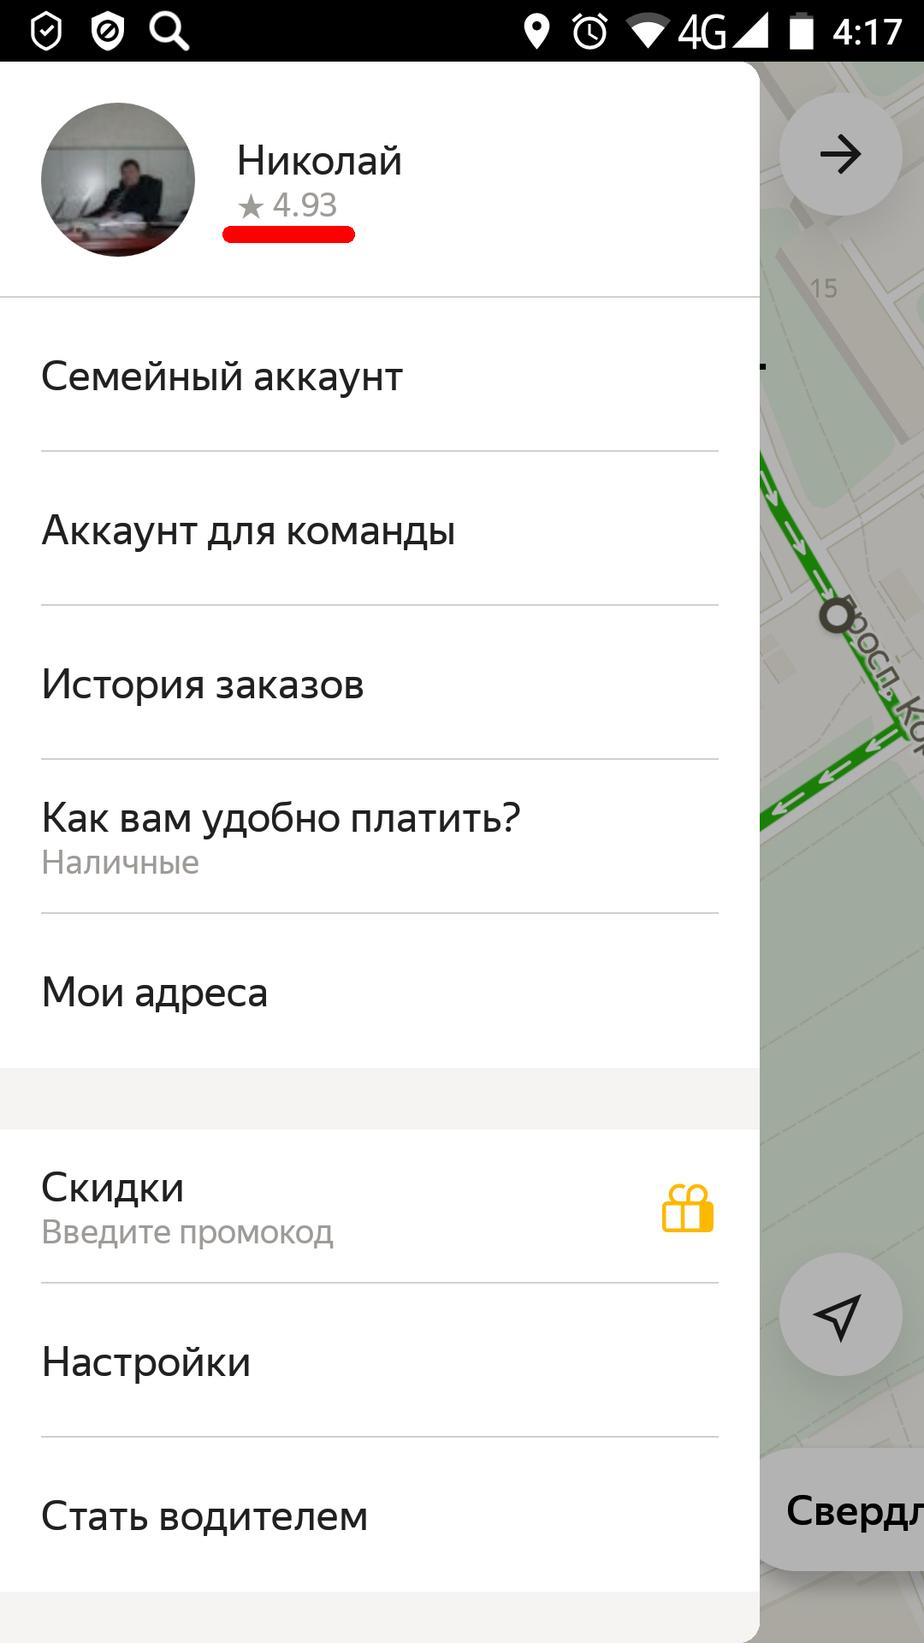 Как узнать свой рейтинг в яндекс такси